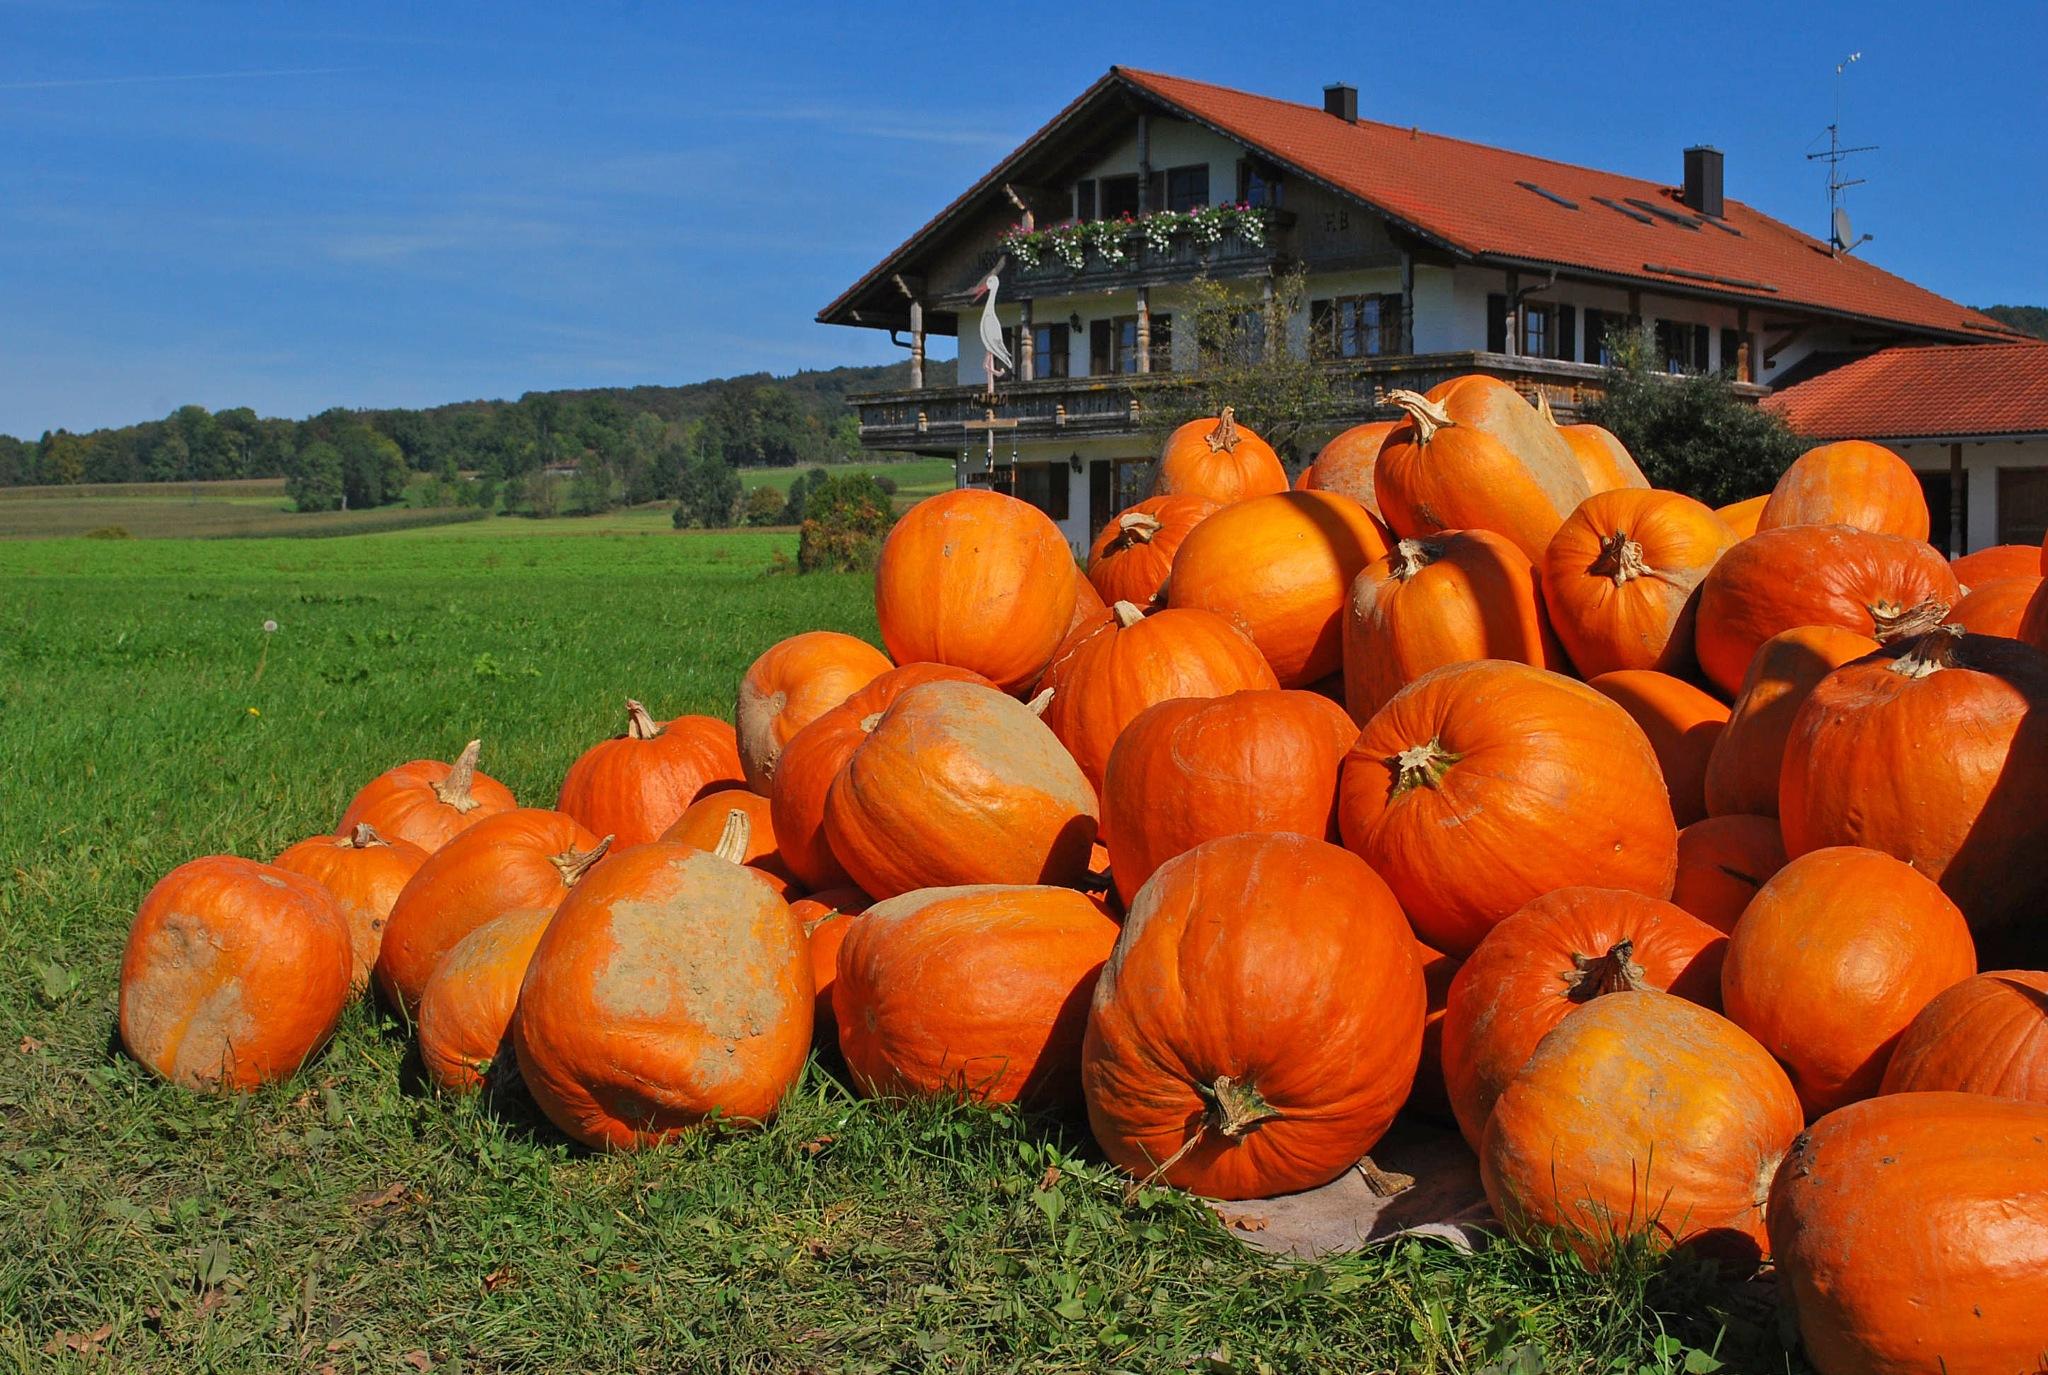 Pumpkin meeting at the farmhouse by liwesta